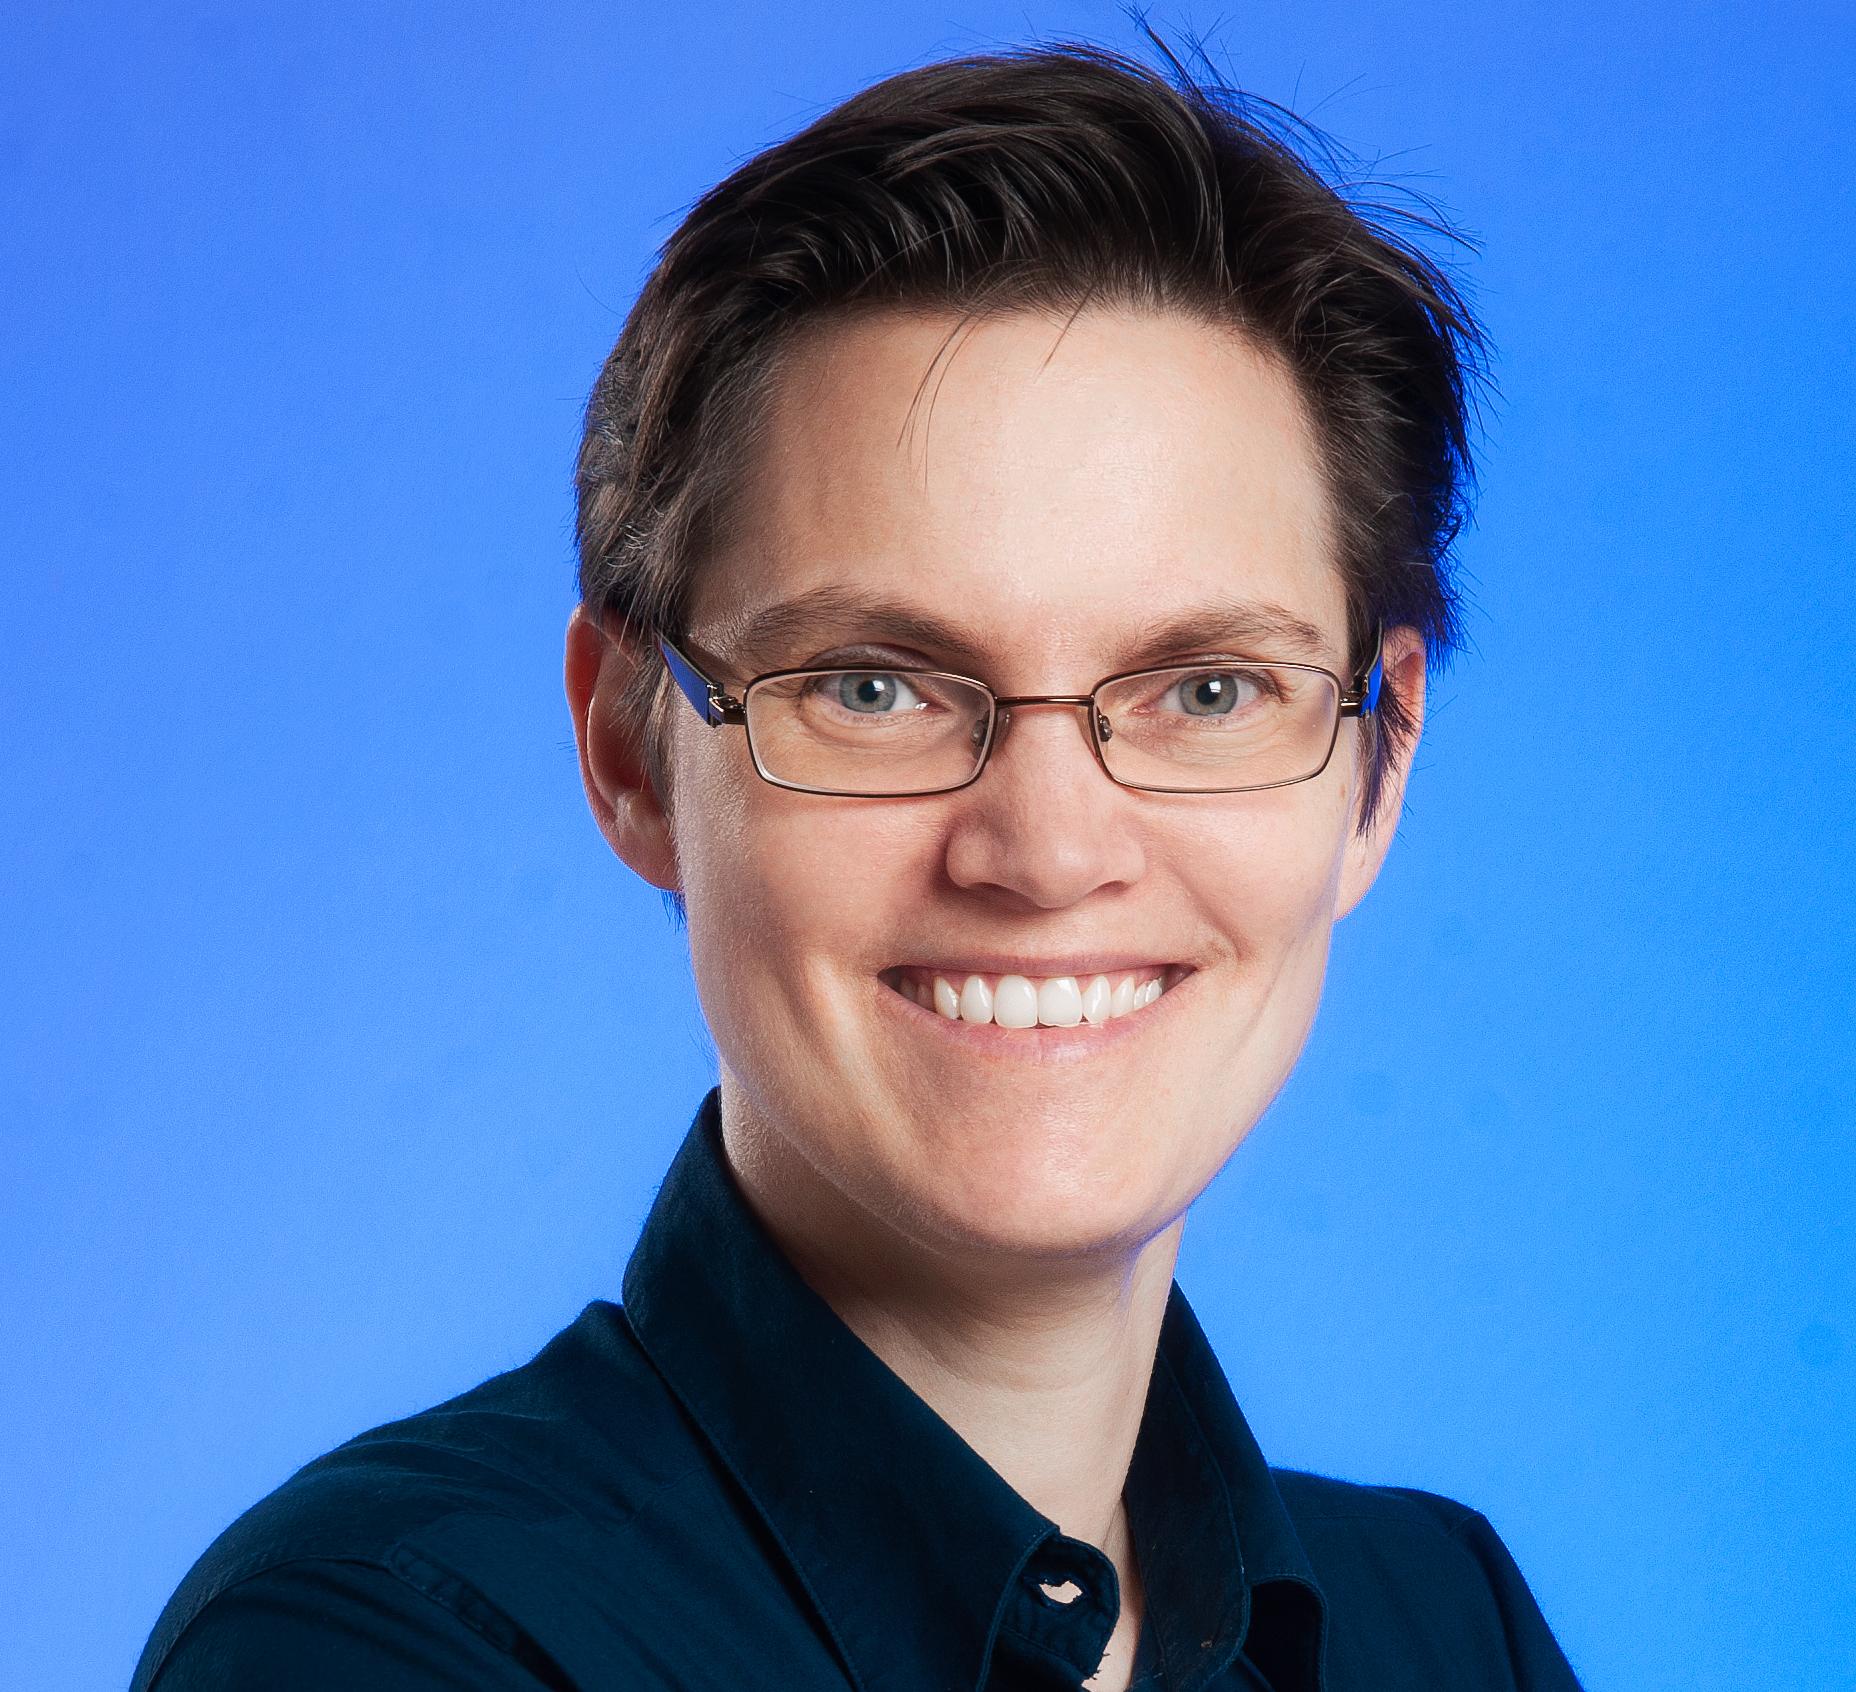 Porträtfoto von Dr. phil. Susanne Kurz, Kulturwissenschaftlerin und Hypnose-Coach